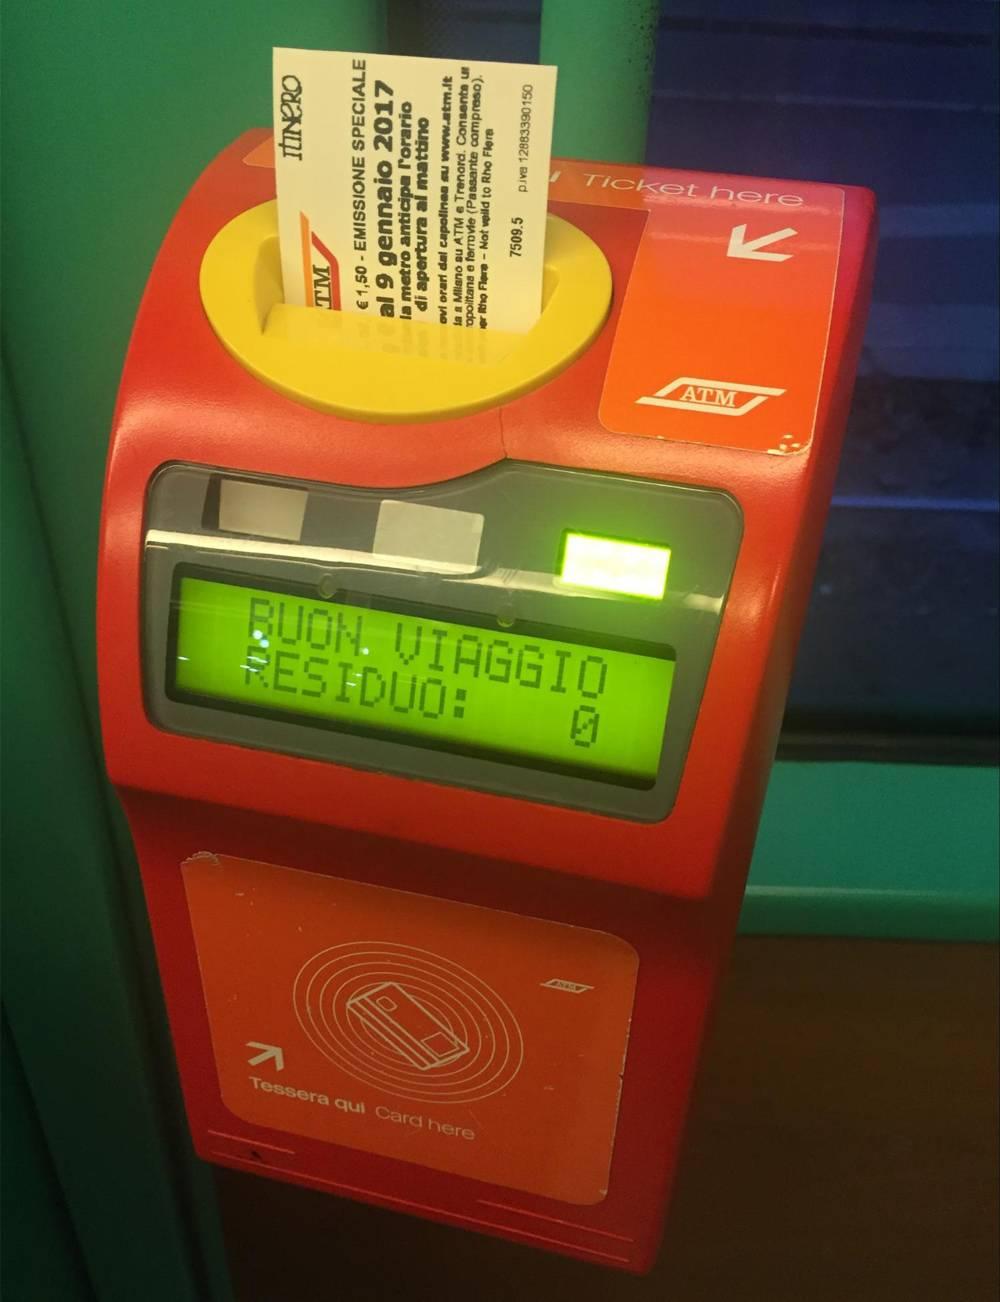 Компостер в трамвае сверяет время поездки, желает счастливого путешествия и показывает остаток поездок на билете или карте